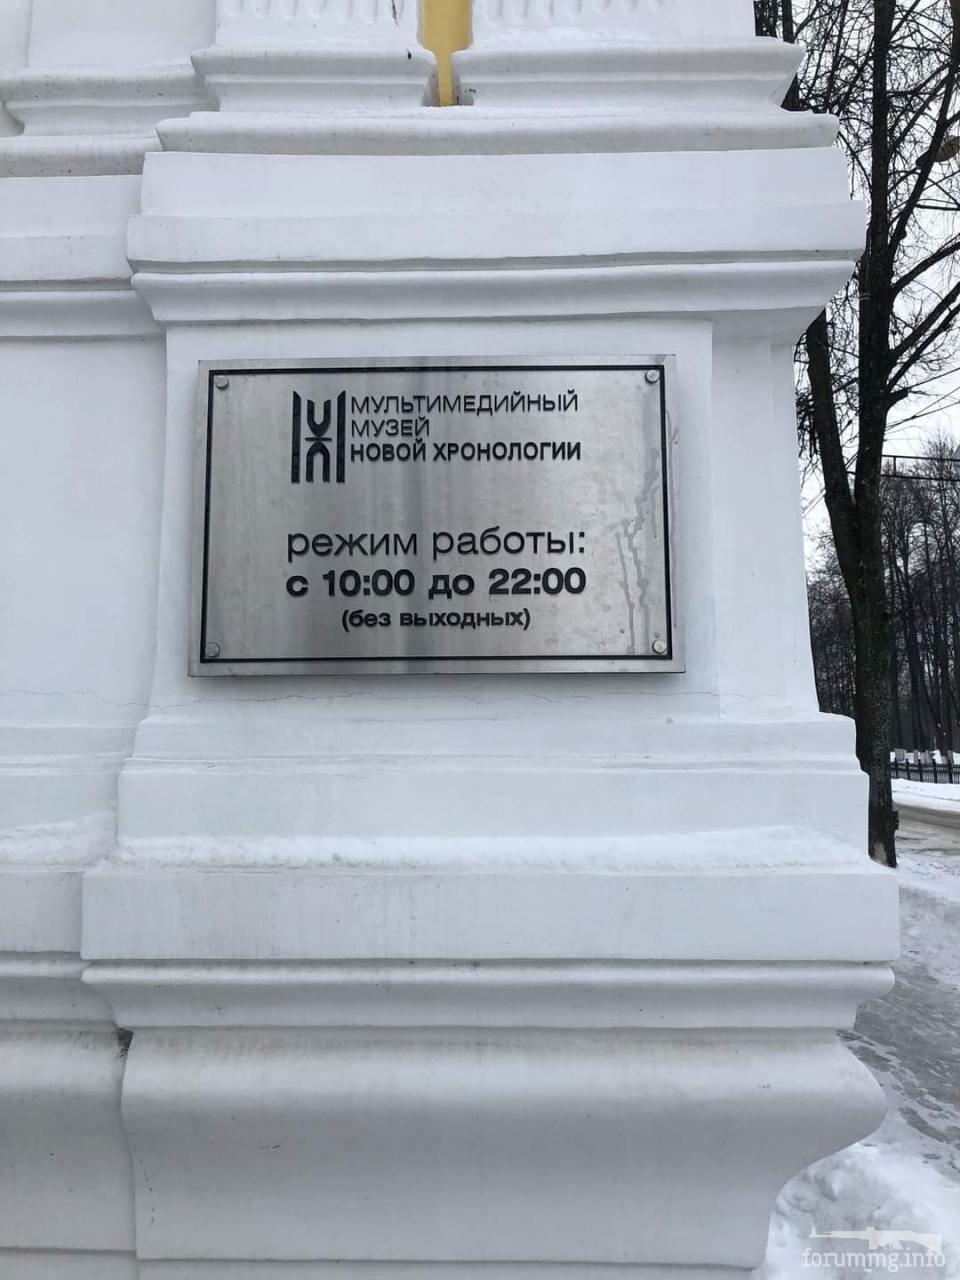 124027 - А в России чудеса!